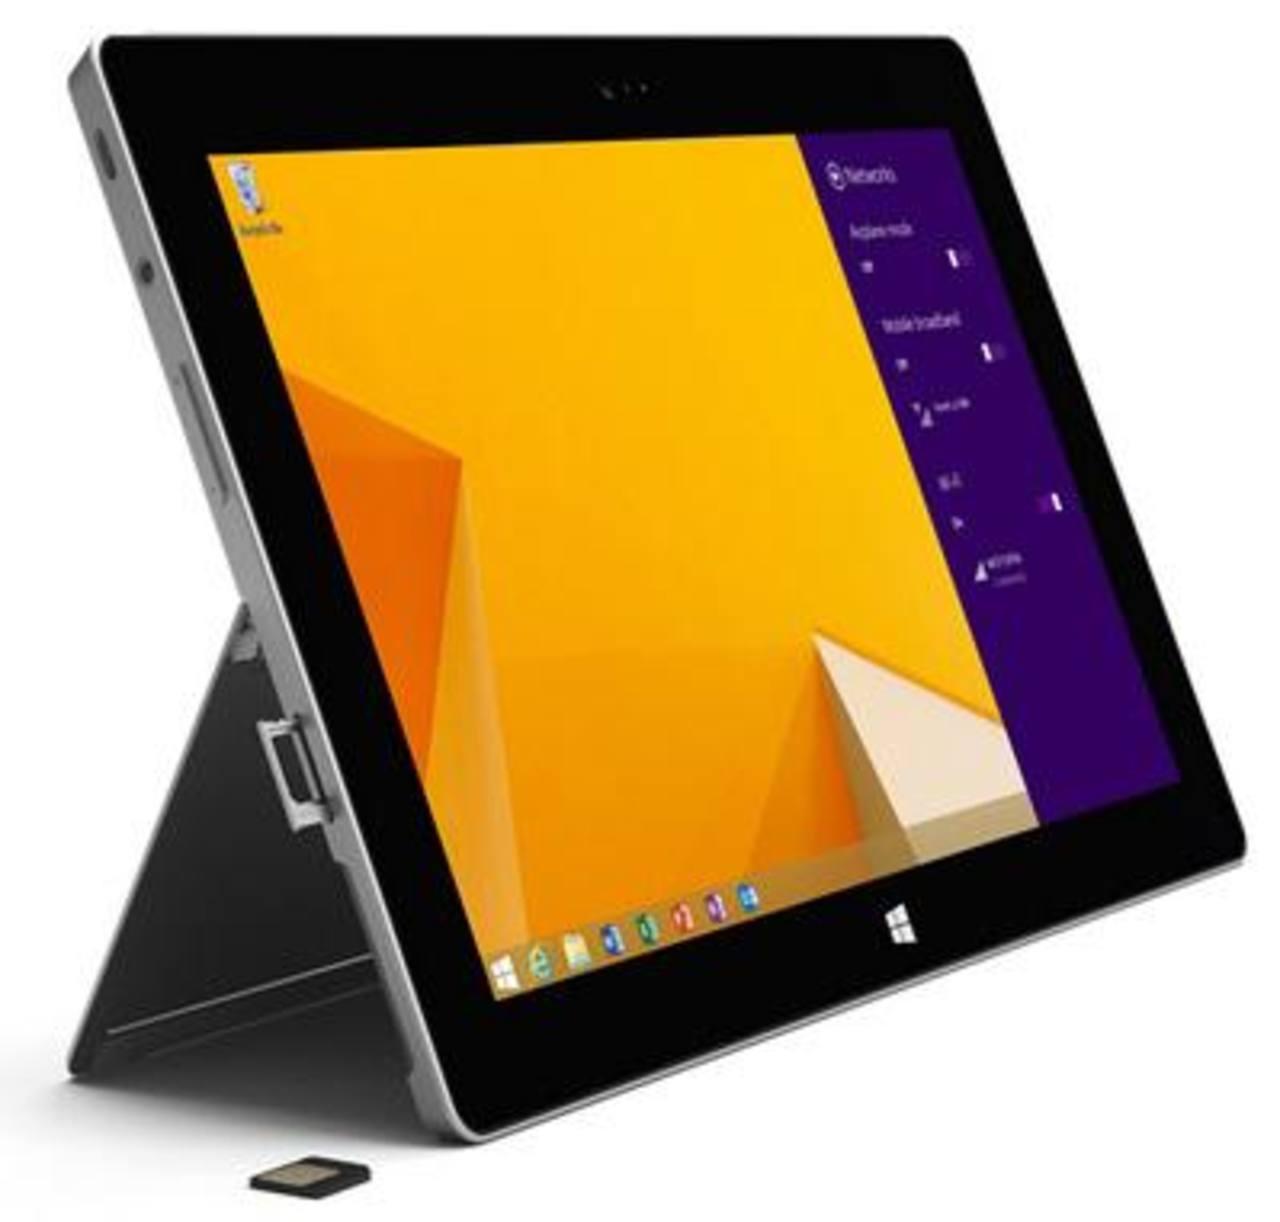 Surface sería la primera tableta-teléfono en el mercado móvil